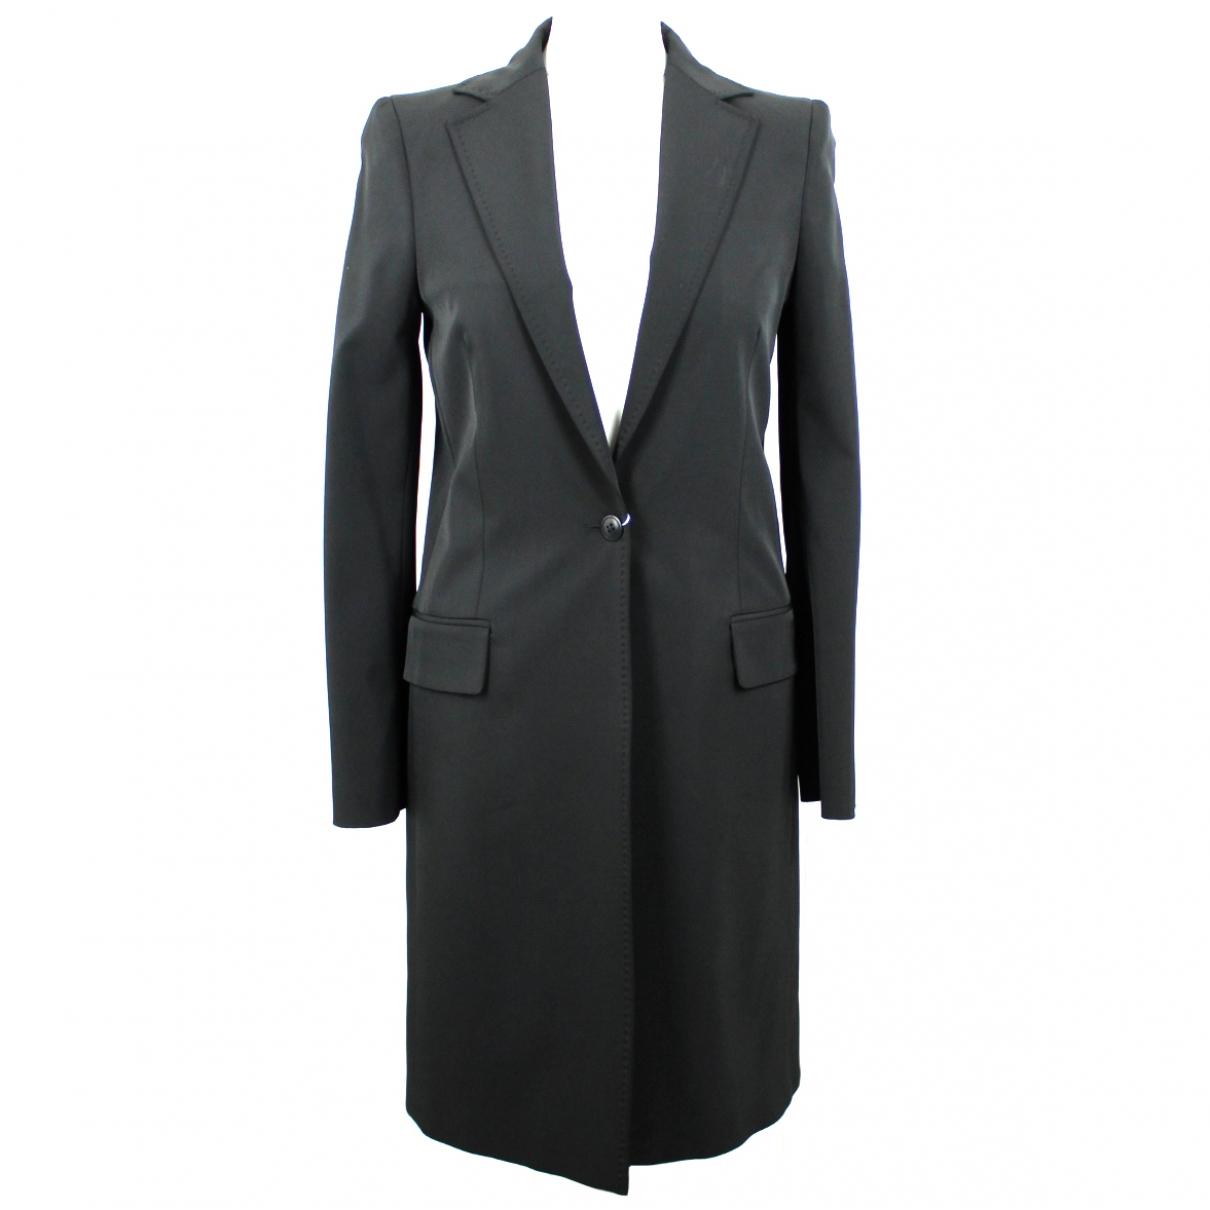 Joseph \N Black coat for Women S International